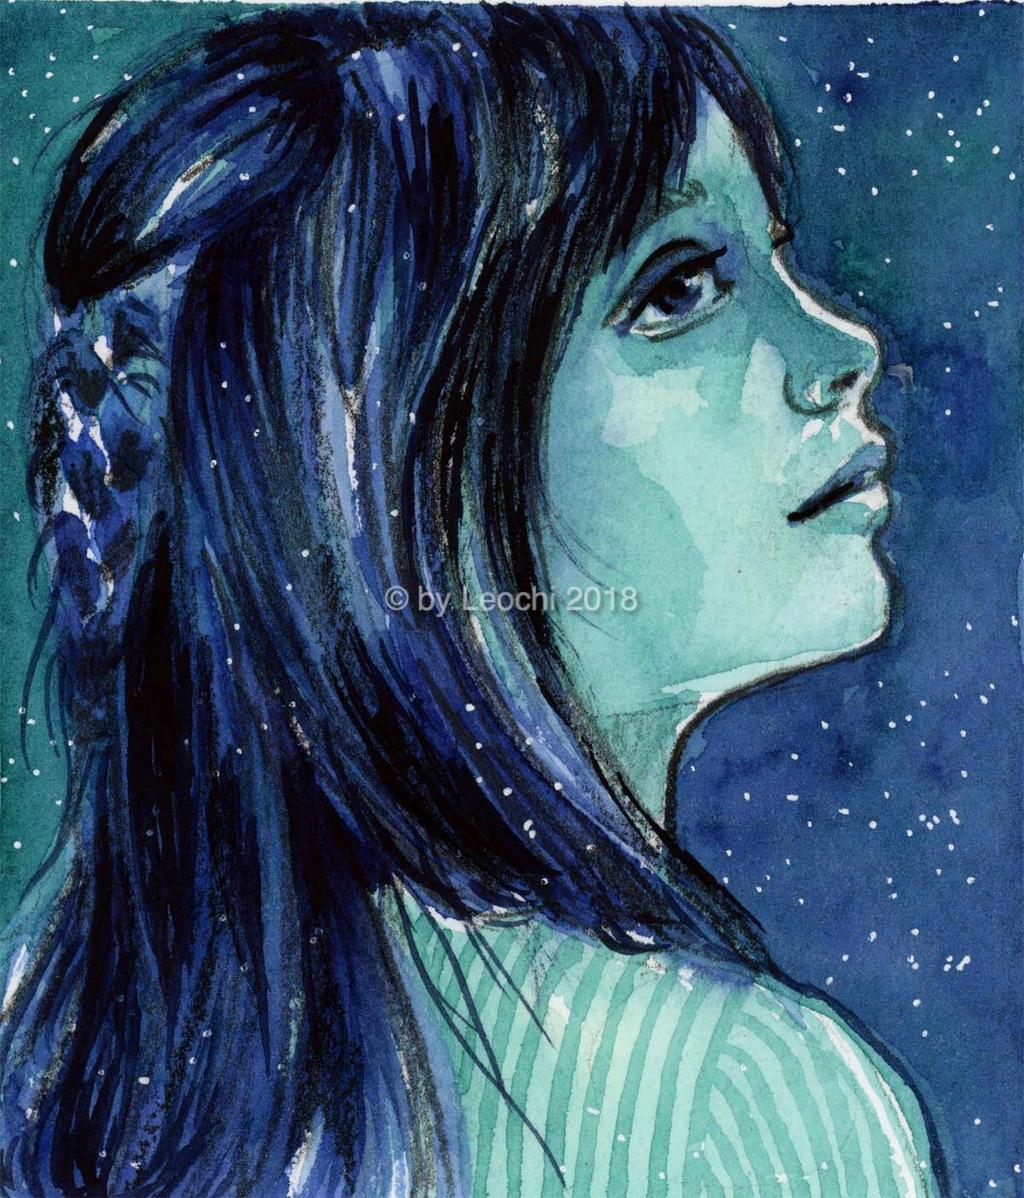 Blue Night by Leochi